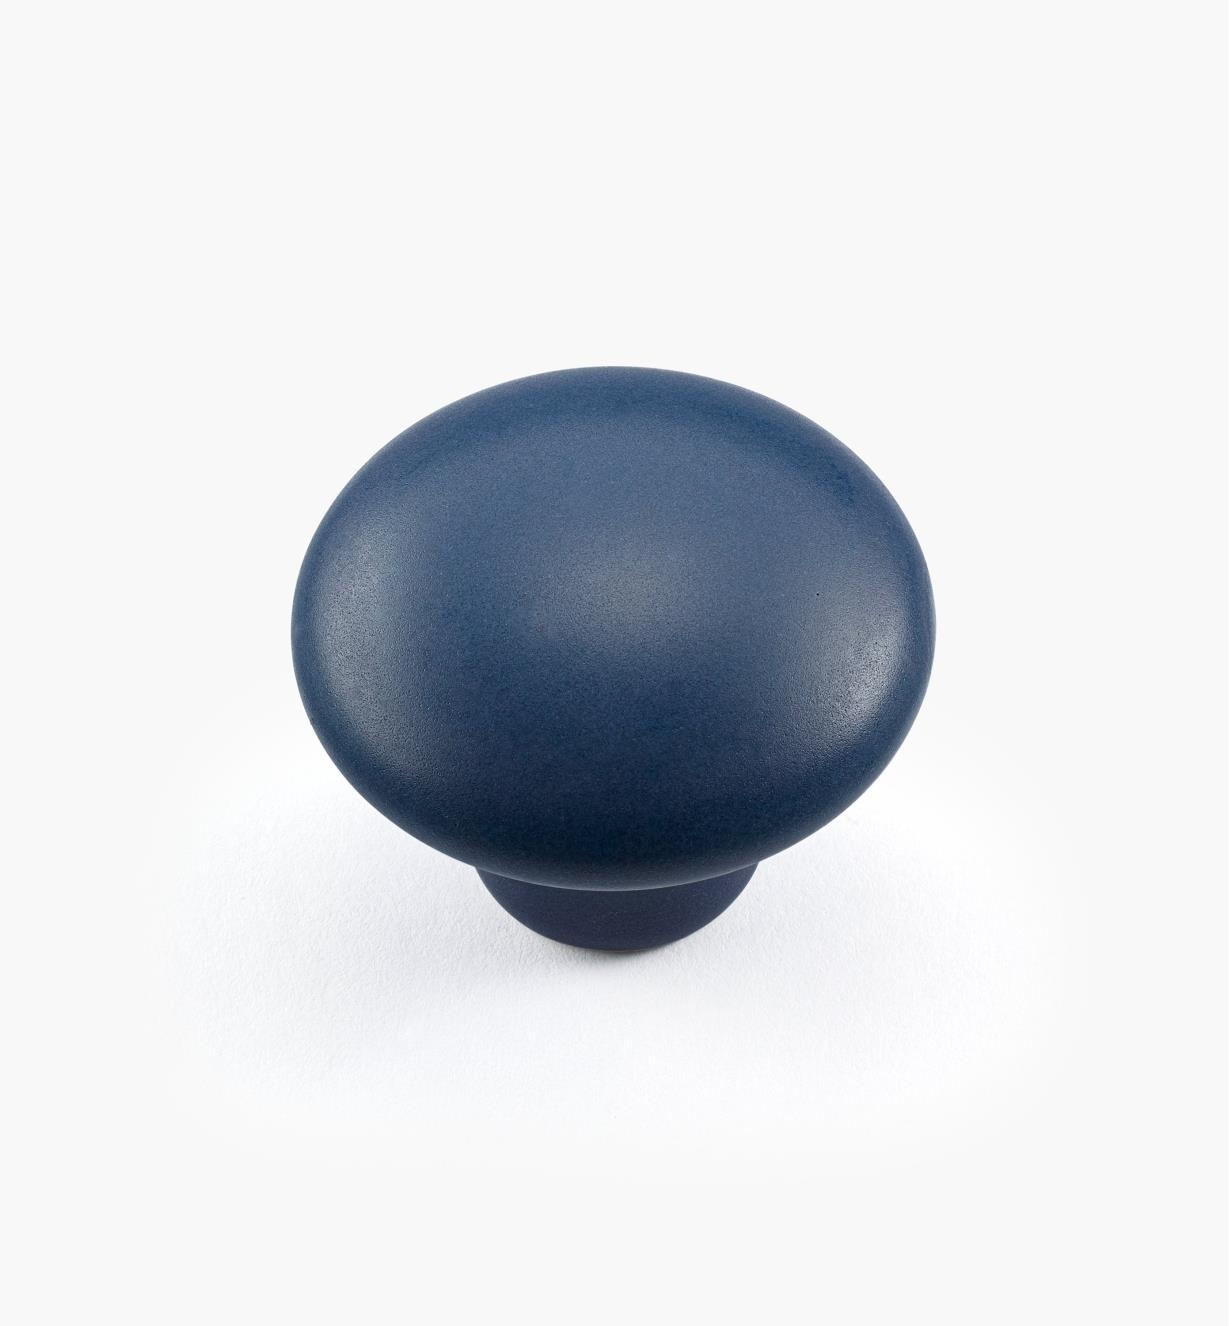 00W5282 - Matte Blue Knob